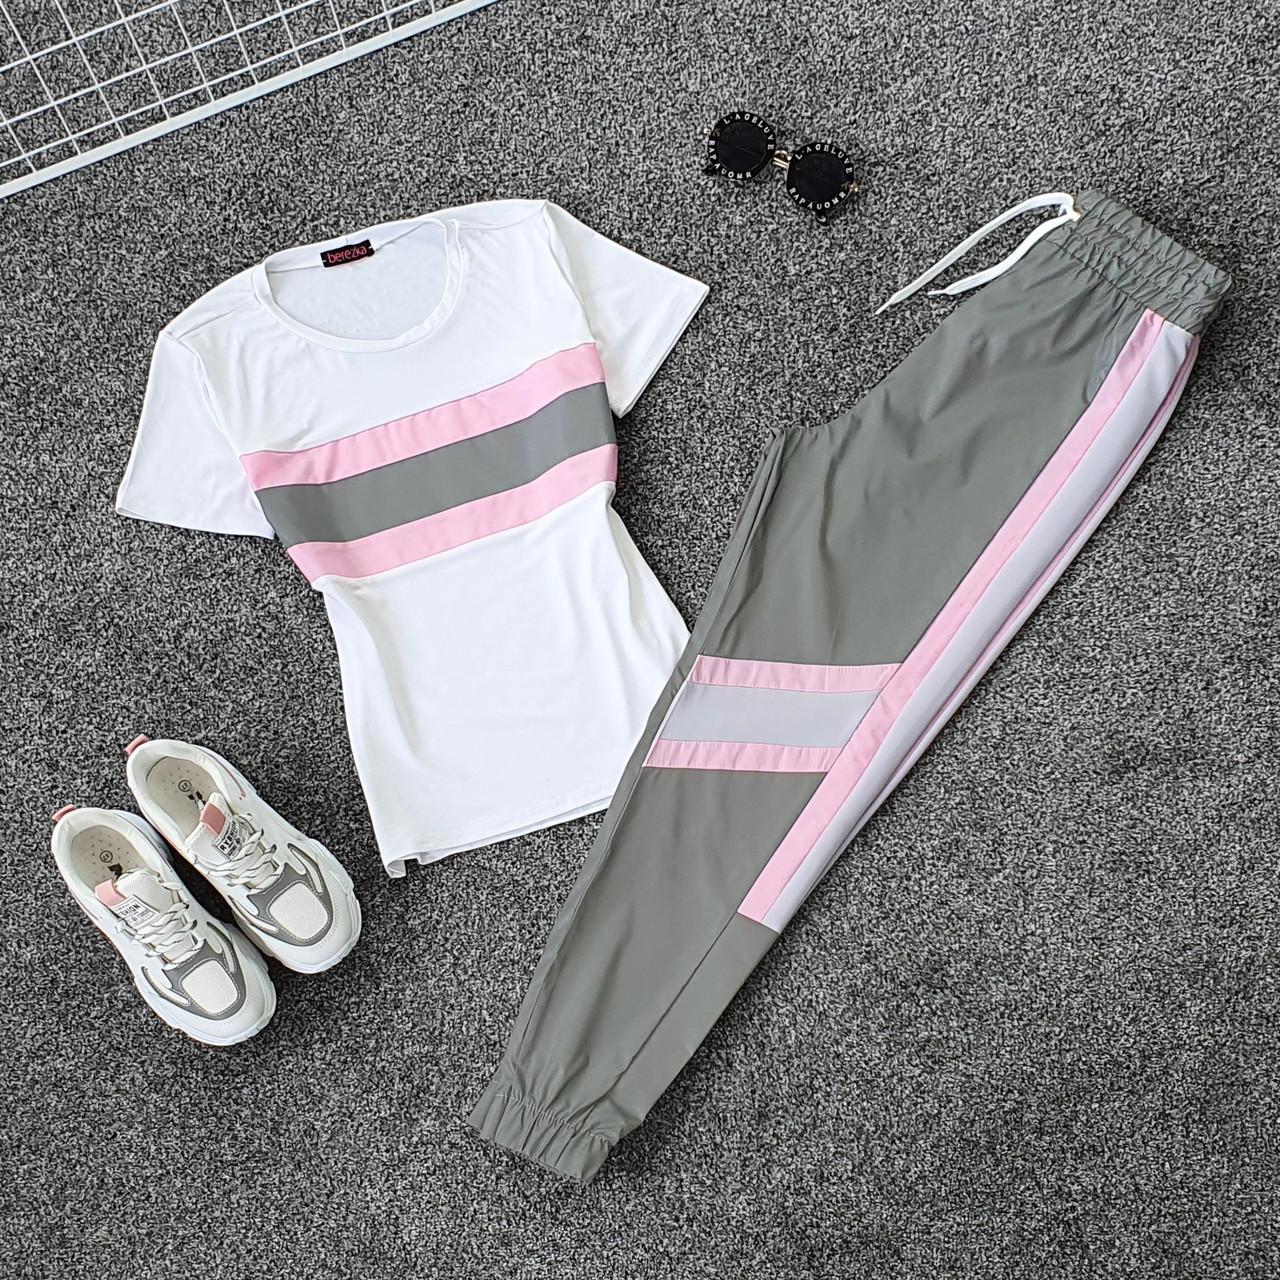 Женский летний спортивный костюм с футболкой и светоотражающими штанами на манжетах 66spt923Q